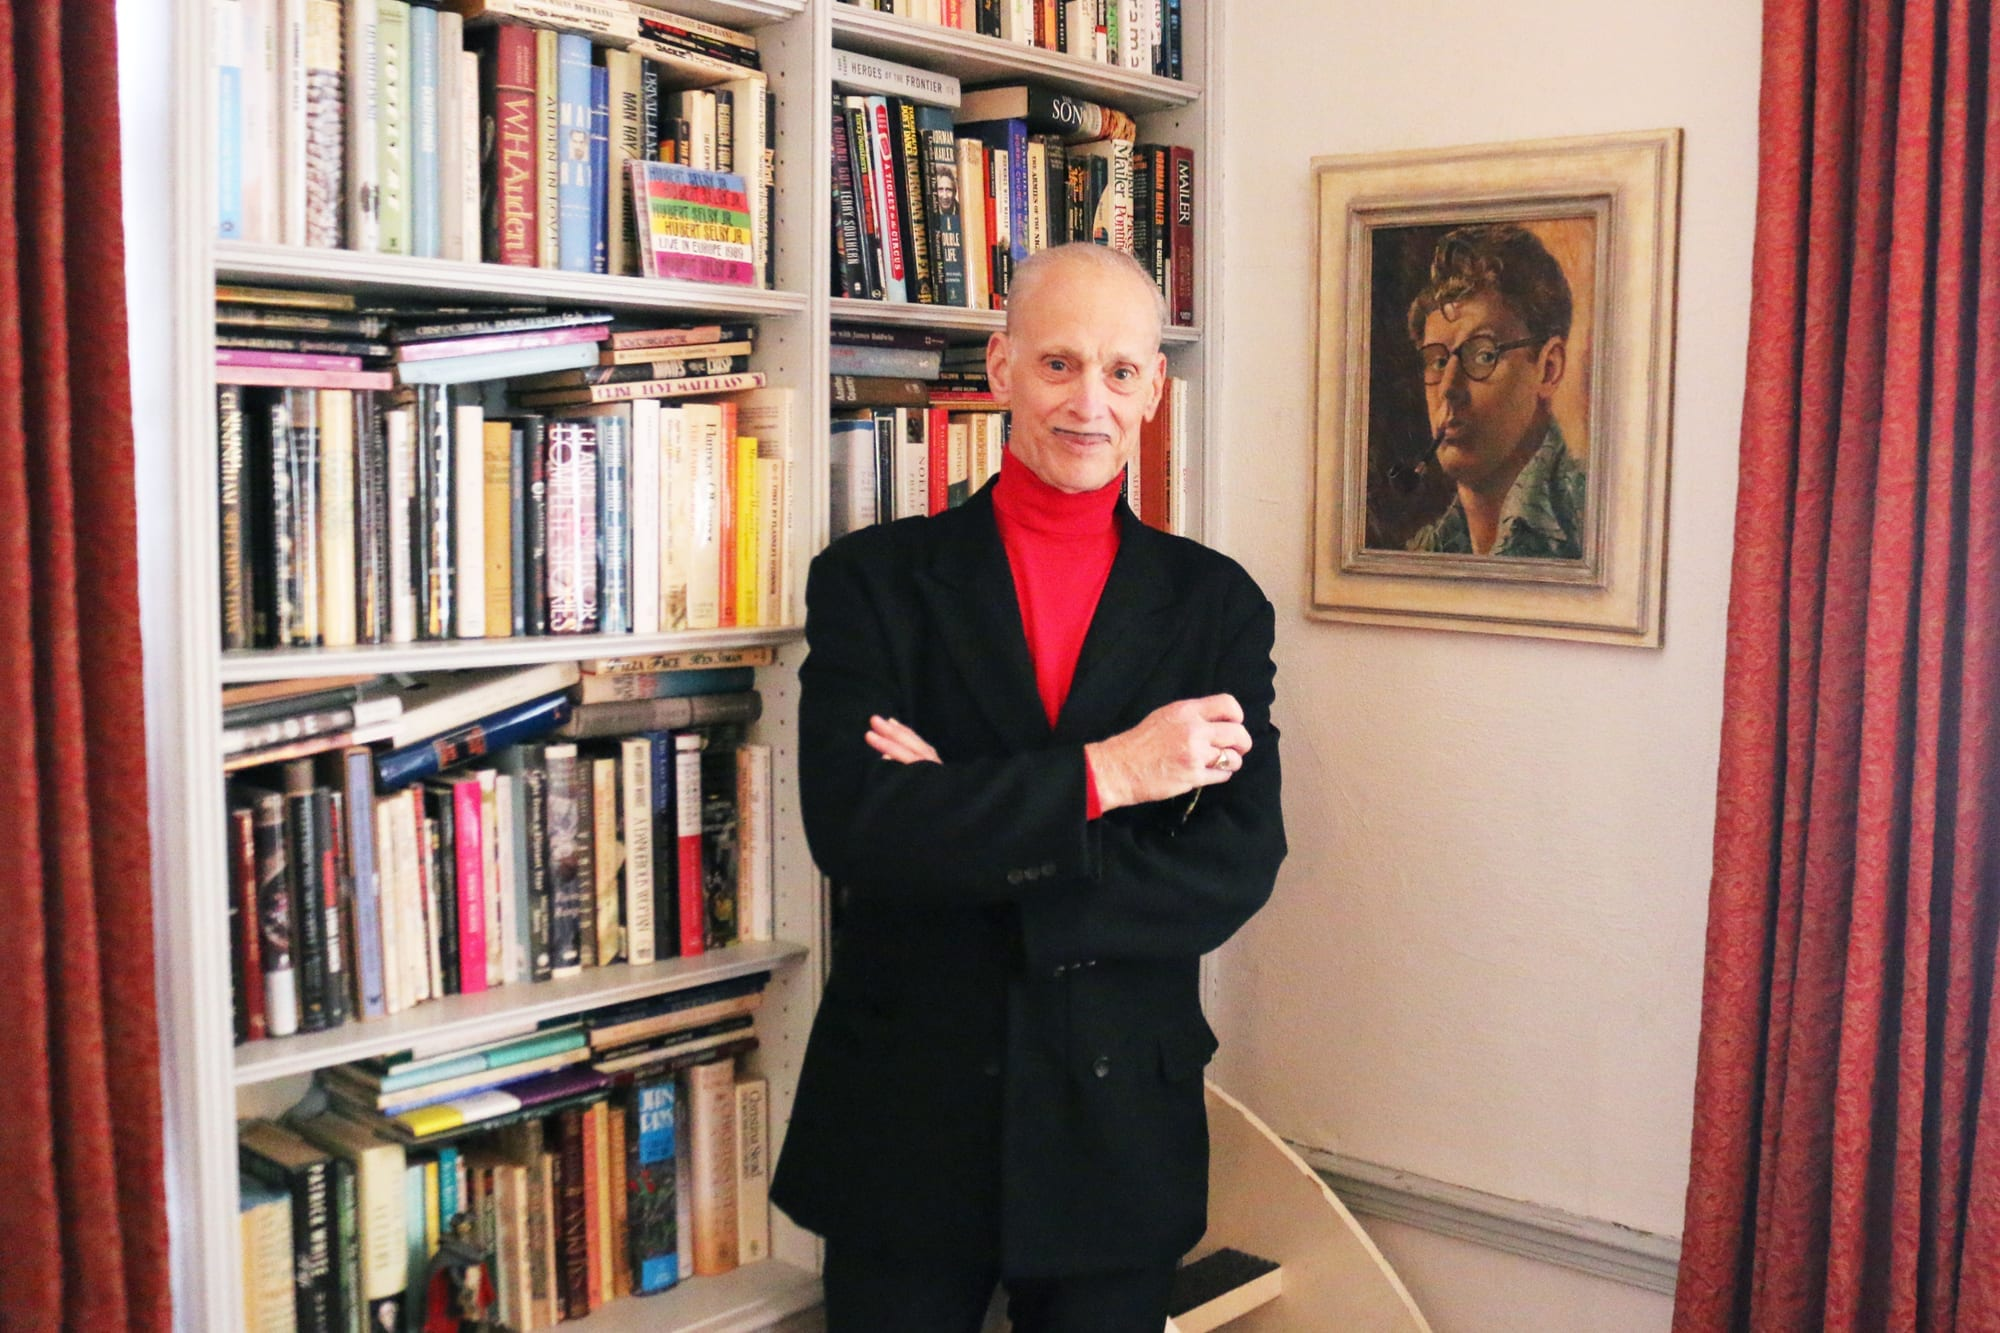 Джон Уотерс передаст свою коллекцию Балтиморскому музею искусств